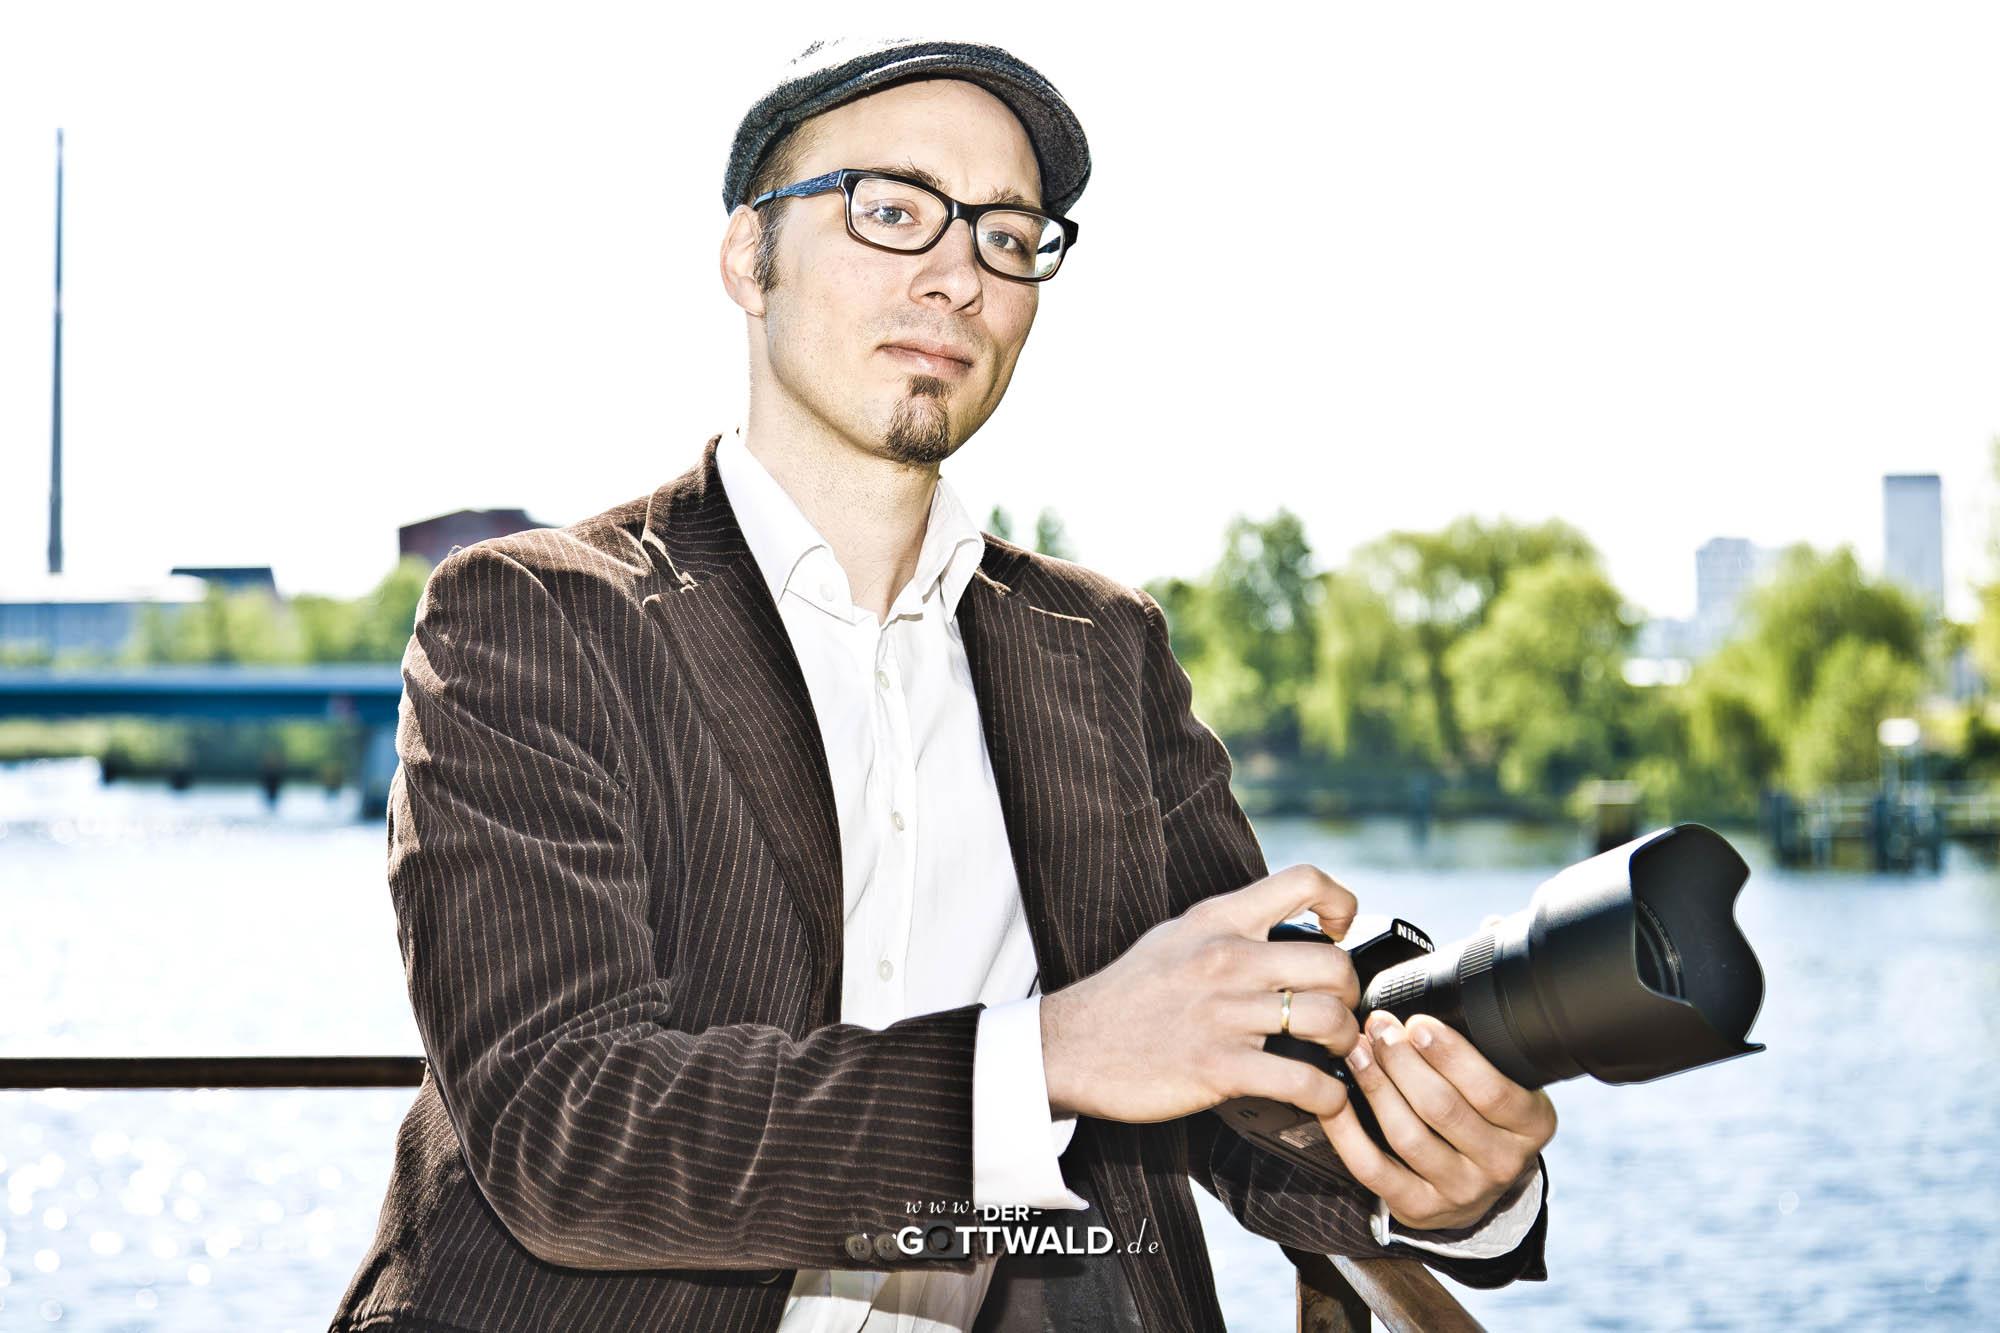 der-gottwaldDE - Business-Portrait 26.jpg